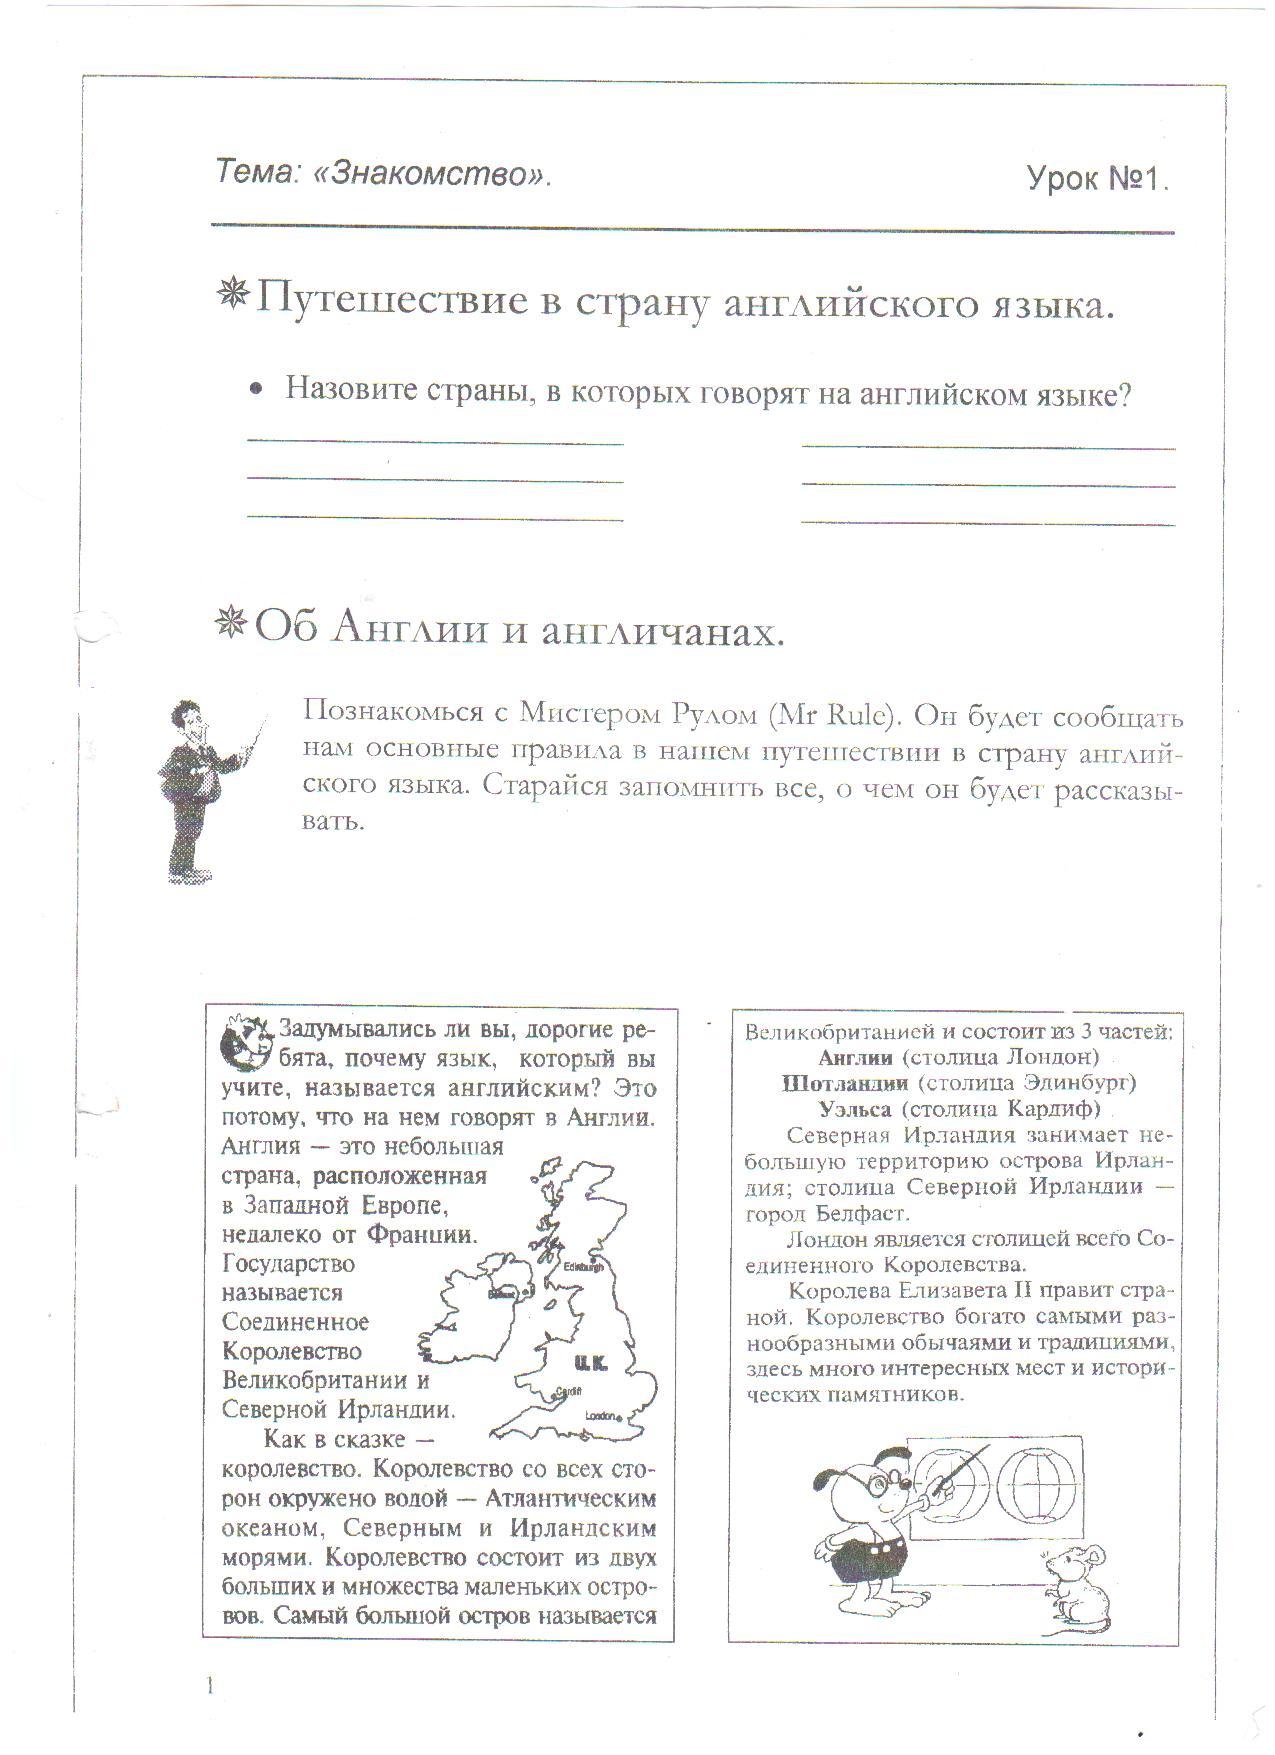 C:\Documents and Settings\Admin\Мои документы\Мои рисунки\Изображение\Изображение 074.jpg